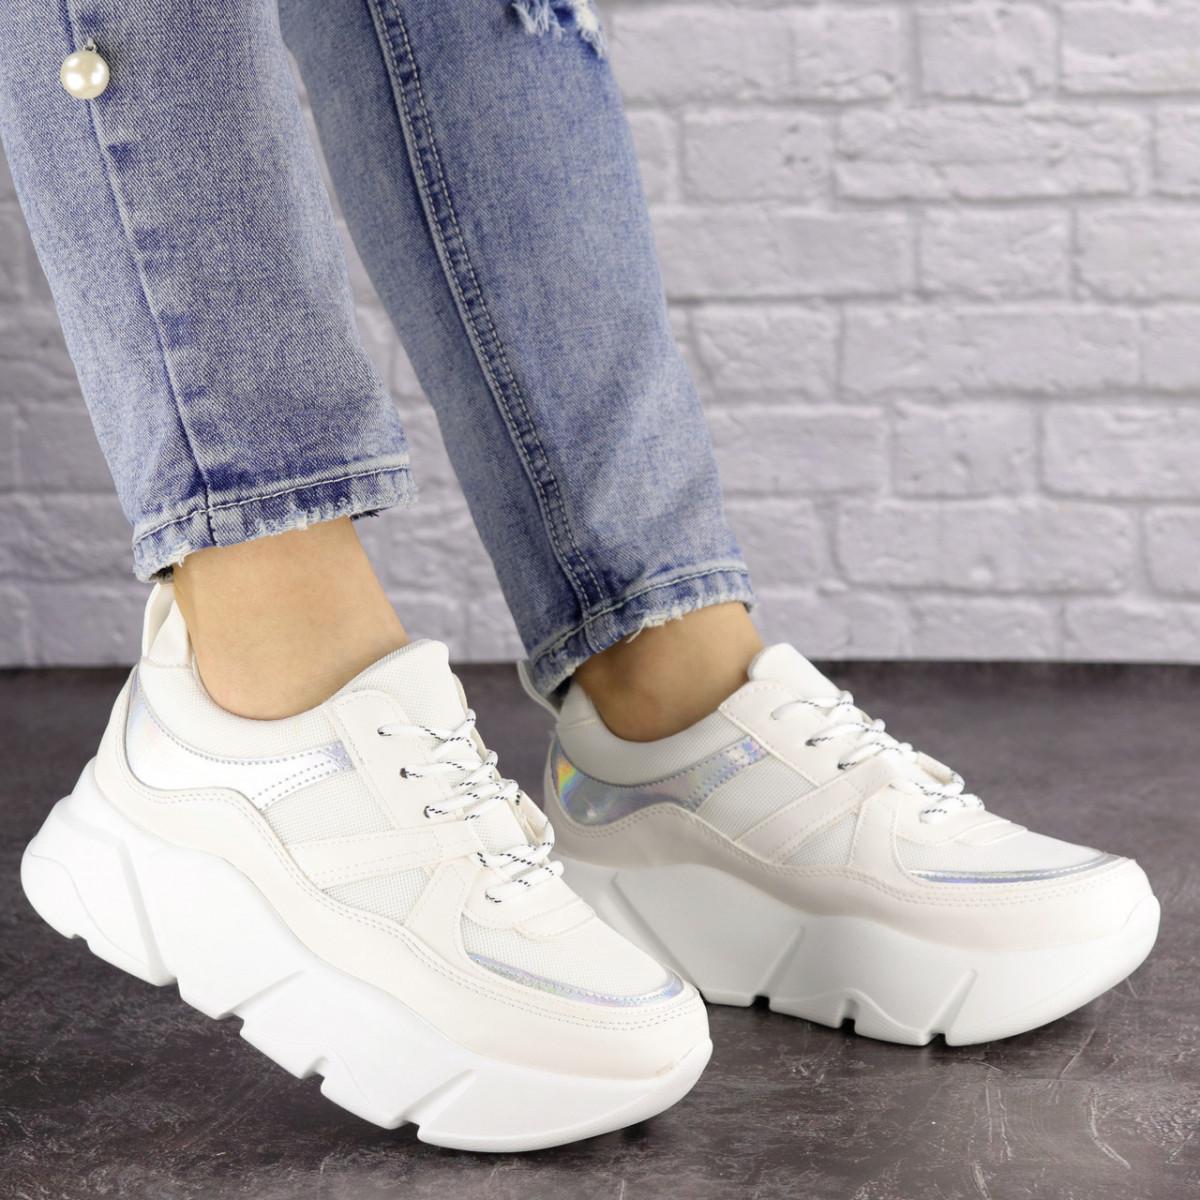 Женские белые кроссовки Yedi 1377 (37 размер)